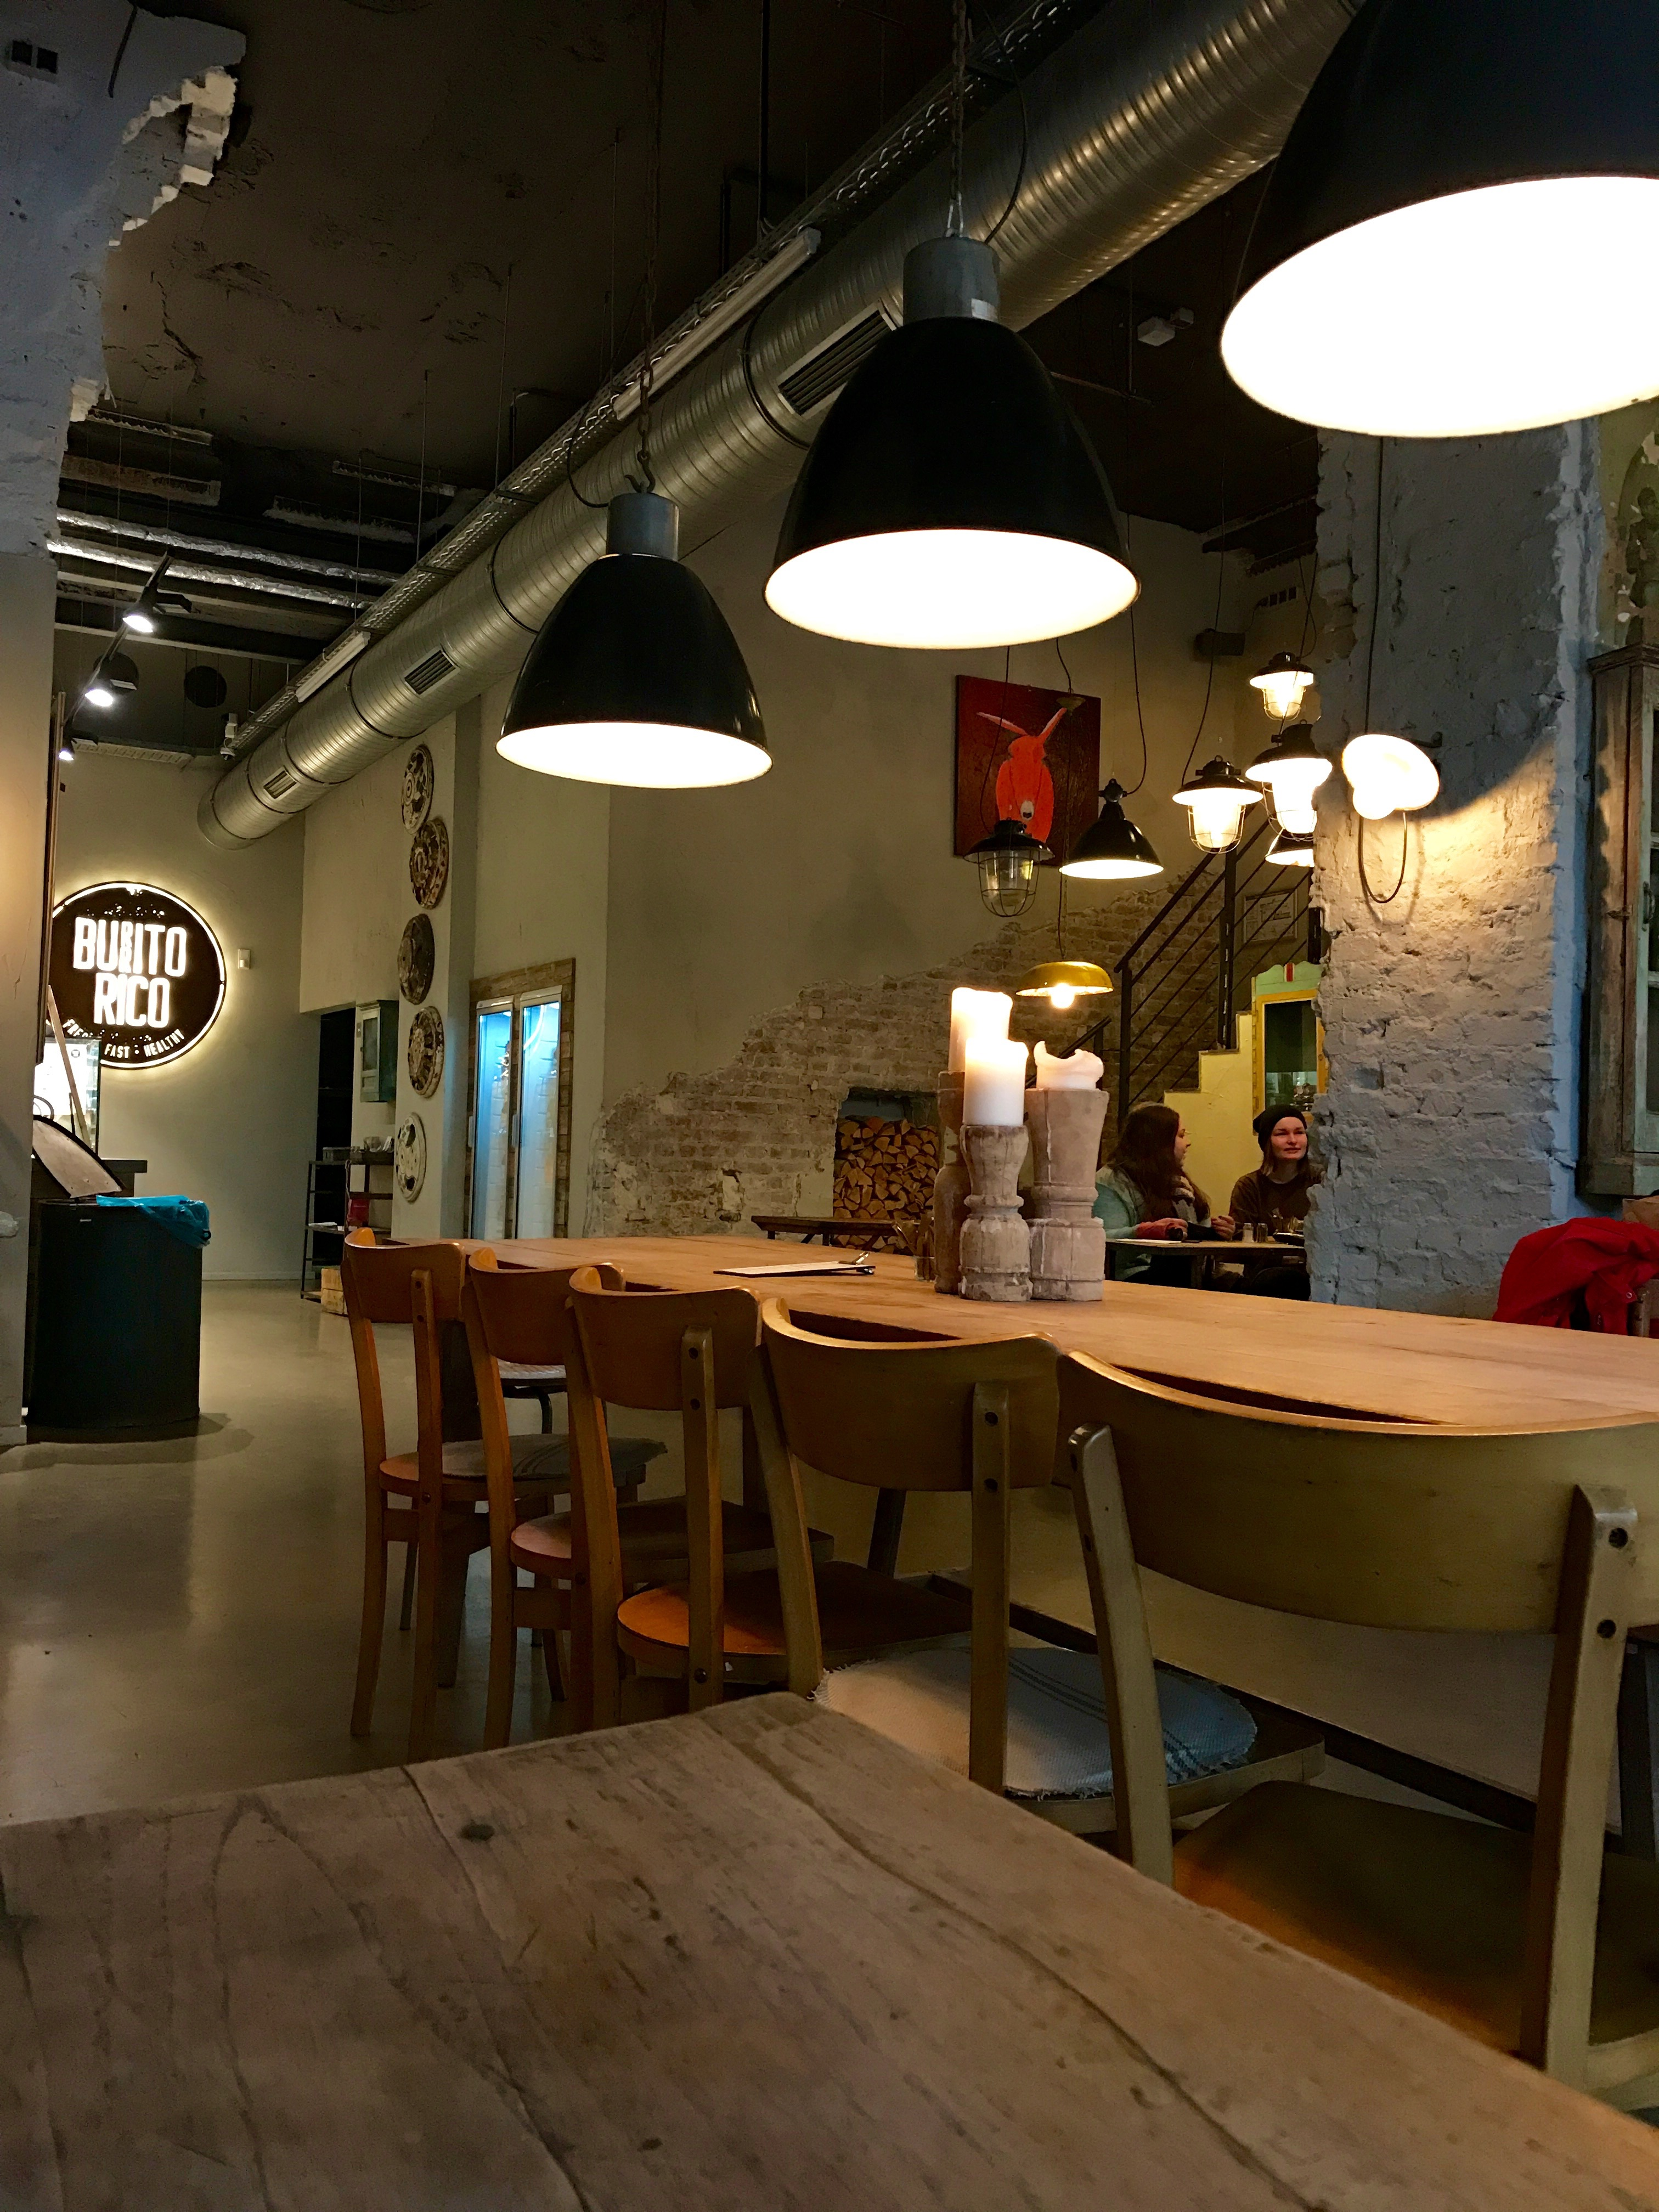 burrito rico schlemmeninkoeln restaurants caf s brauh user und vieles mehr in ganz k ln. Black Bedroom Furniture Sets. Home Design Ideas